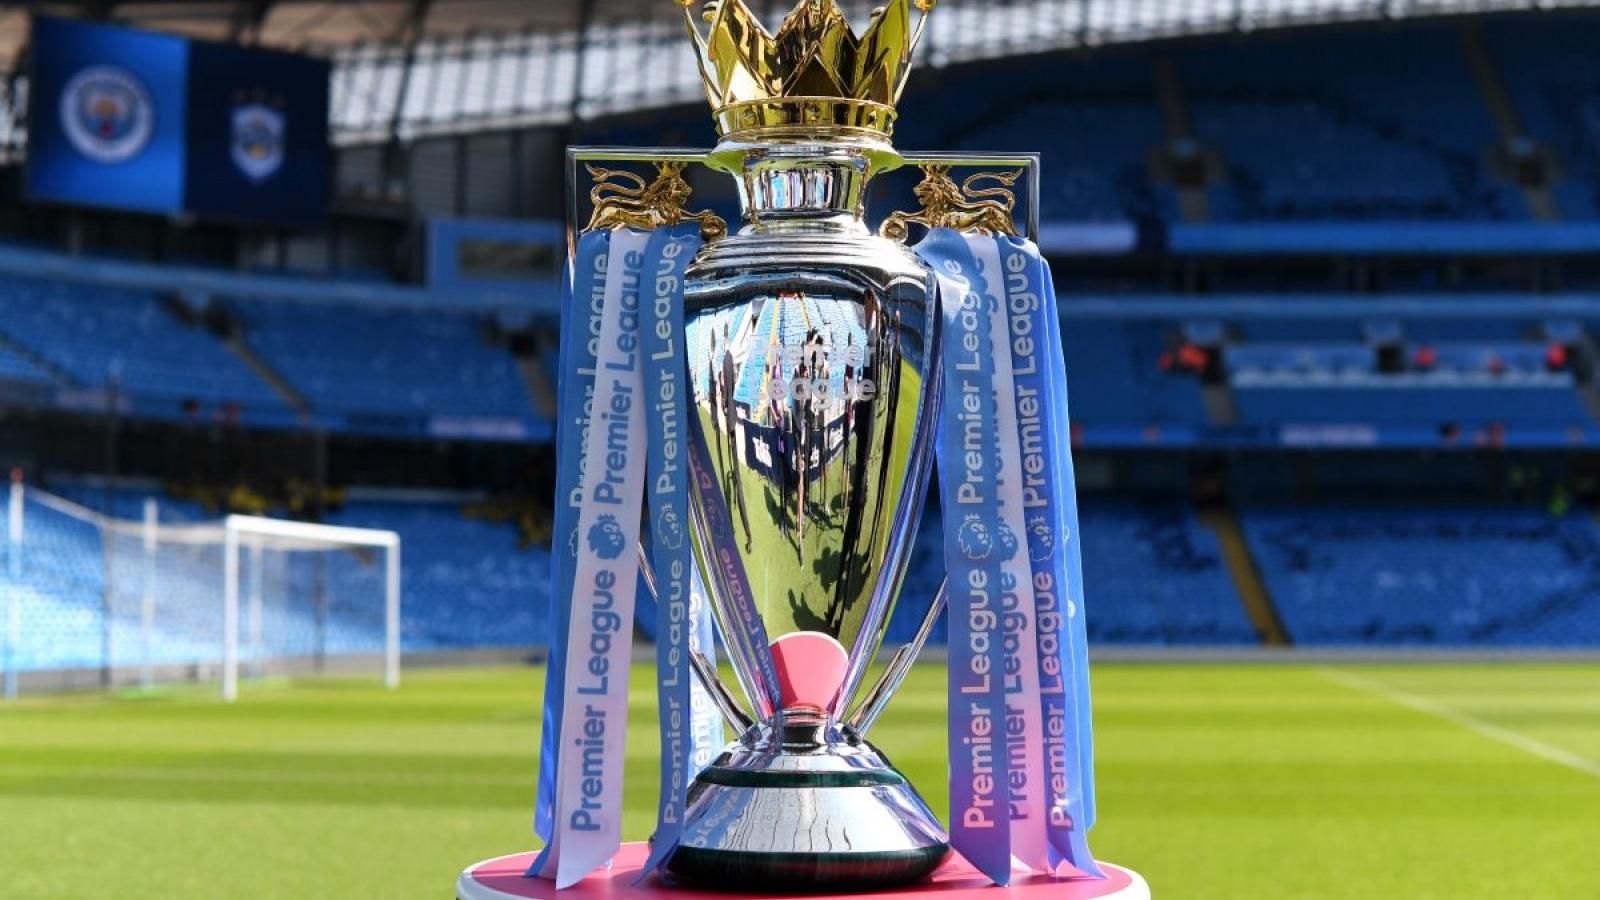 Nhiều đội bóng ủng hộ phương án Premier League thi đấu tập trung